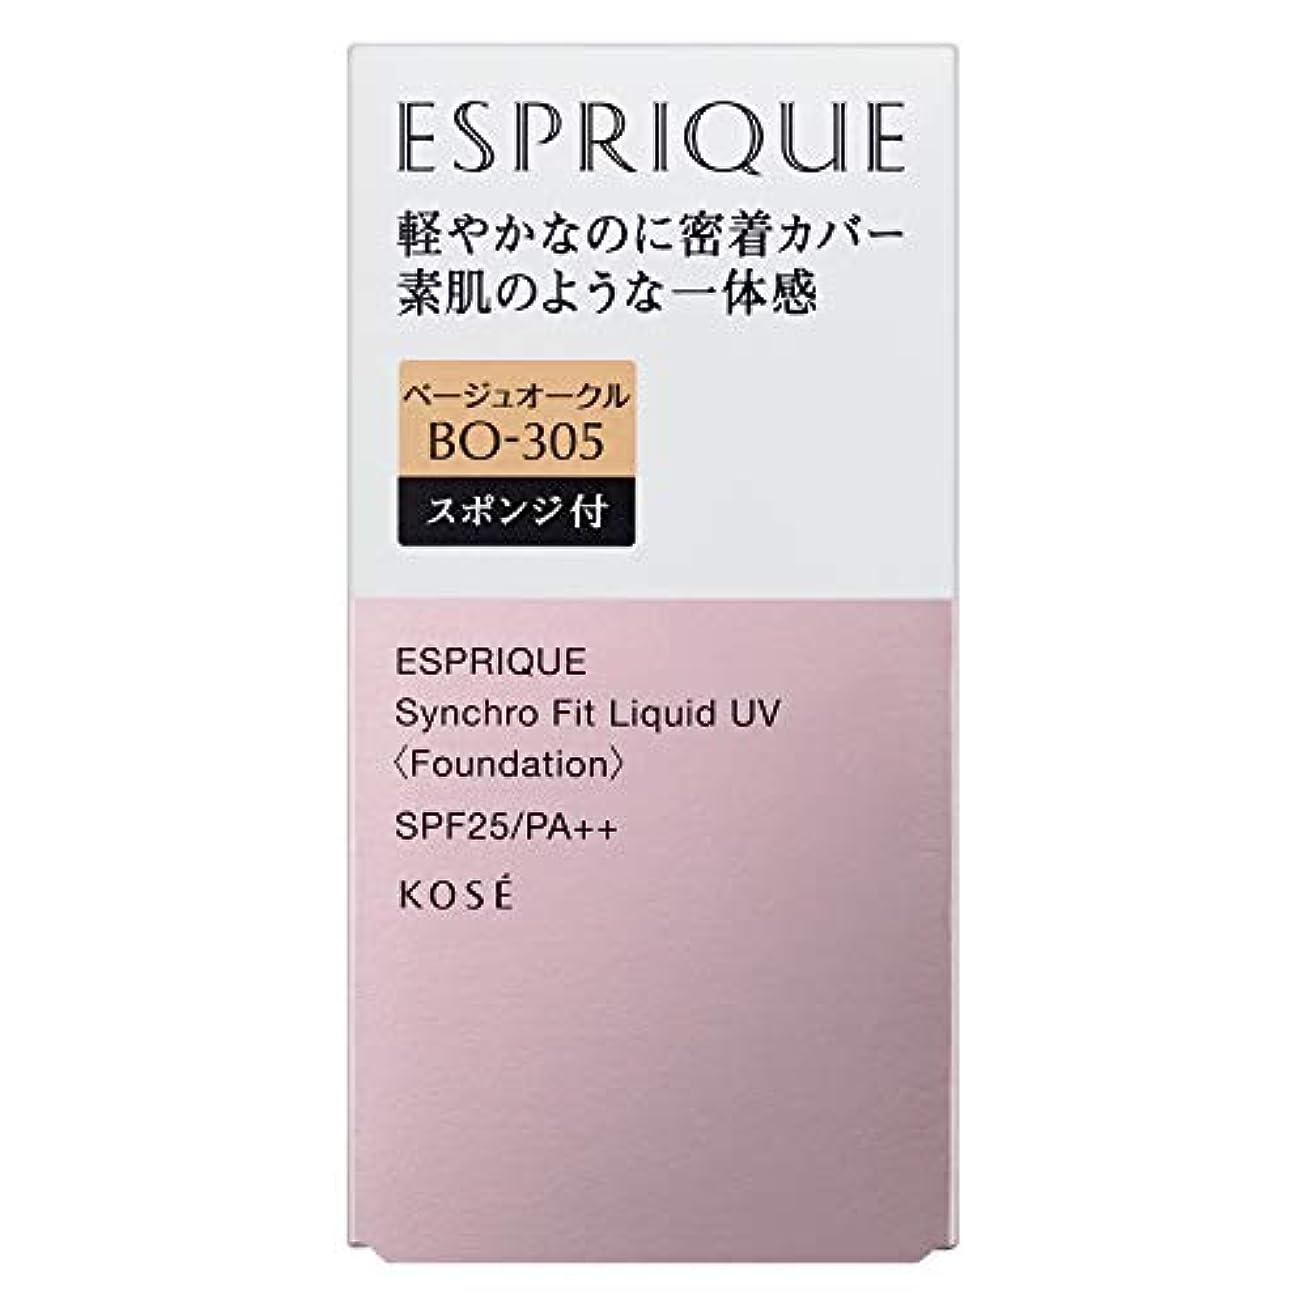 妥協グリーンランドヘビーESPRIQUE(エスプリーク) エスプリーク シンクロフィット リキッド UV ファンデーション 無香料 BO-305 ベージュオークル 30g